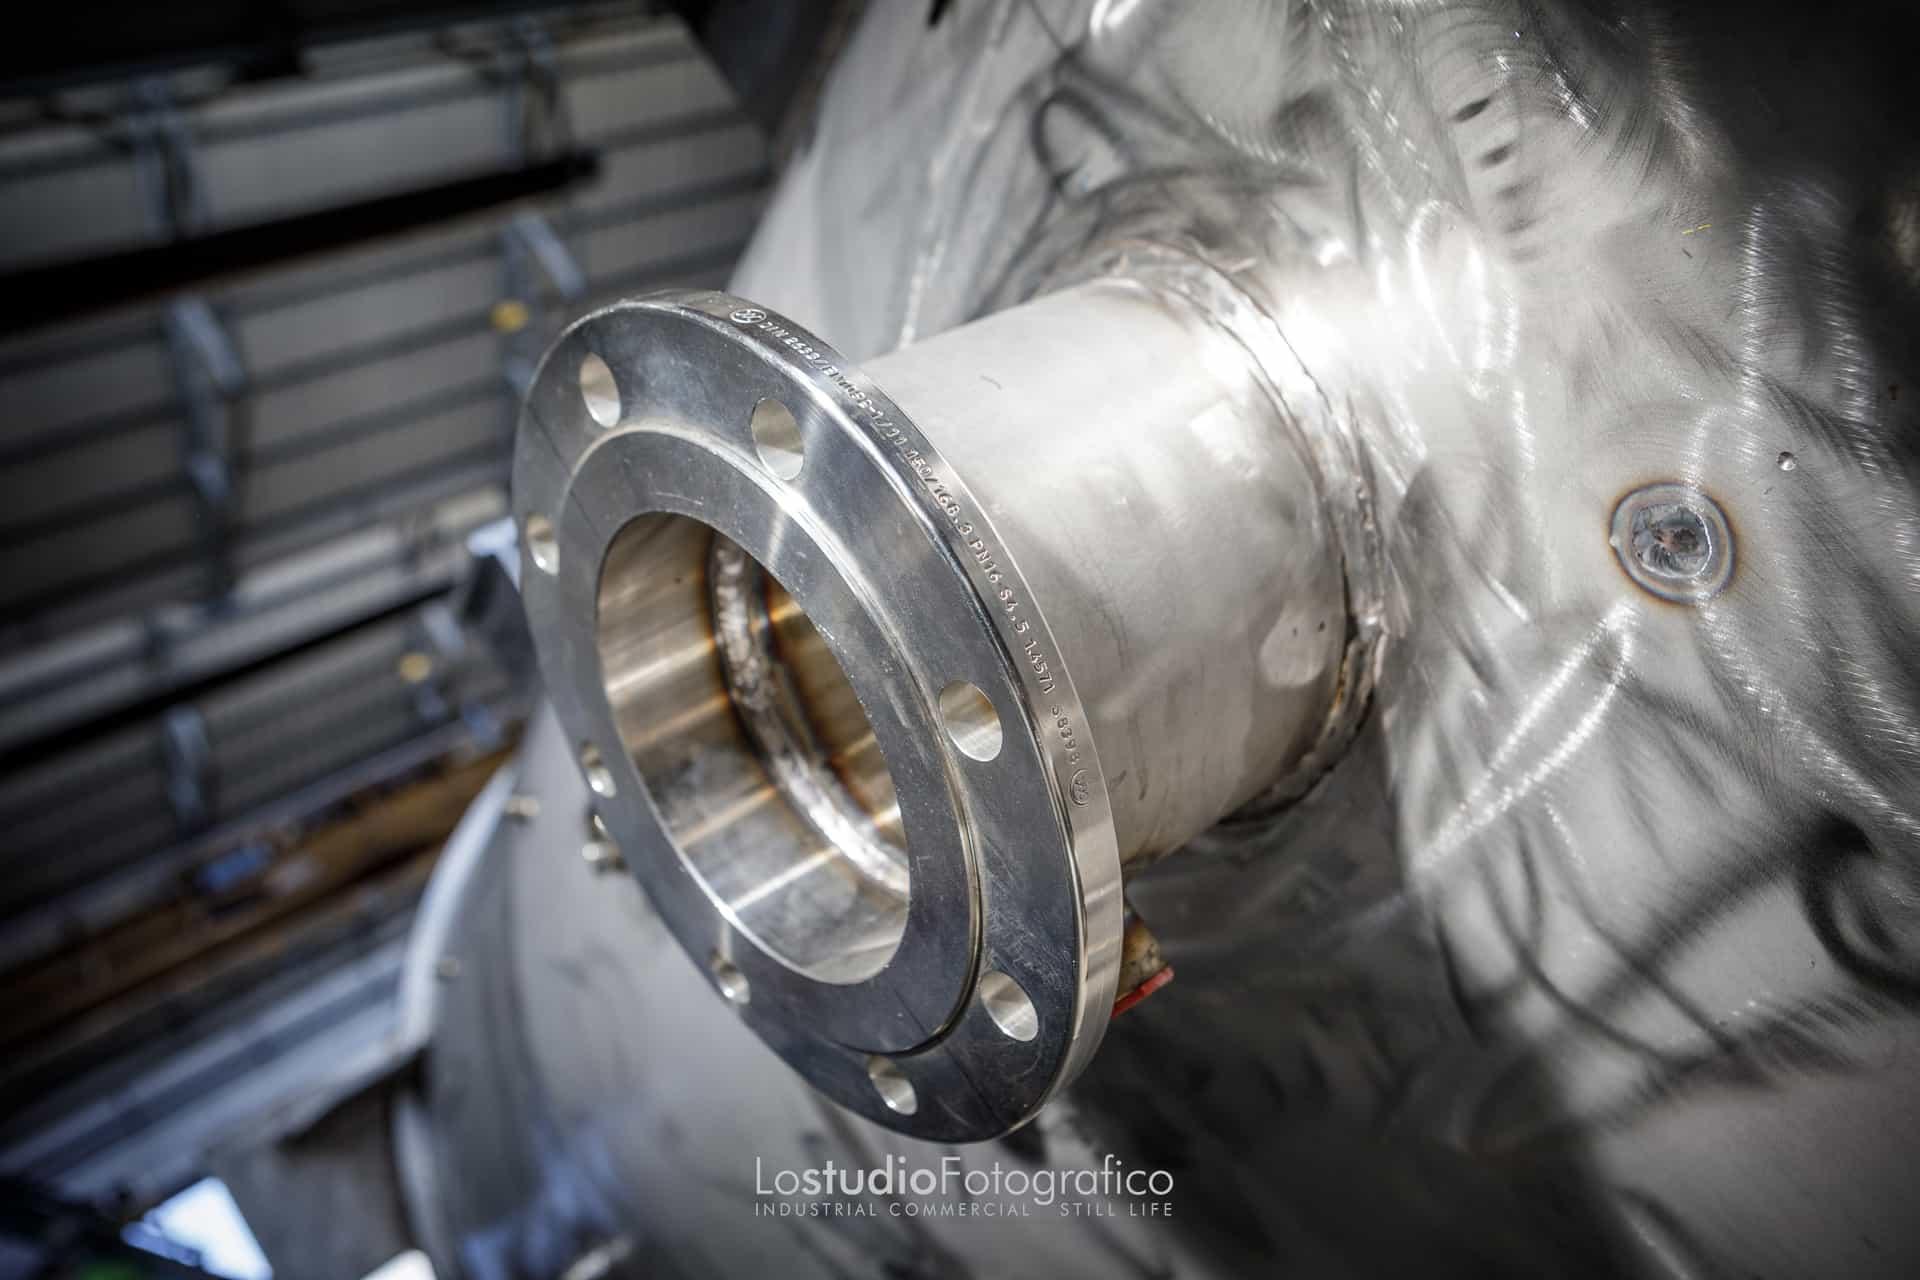 Fotografia industriale Vicenza. Reportage fotografico aziendale per siti web, catalogo, brochure